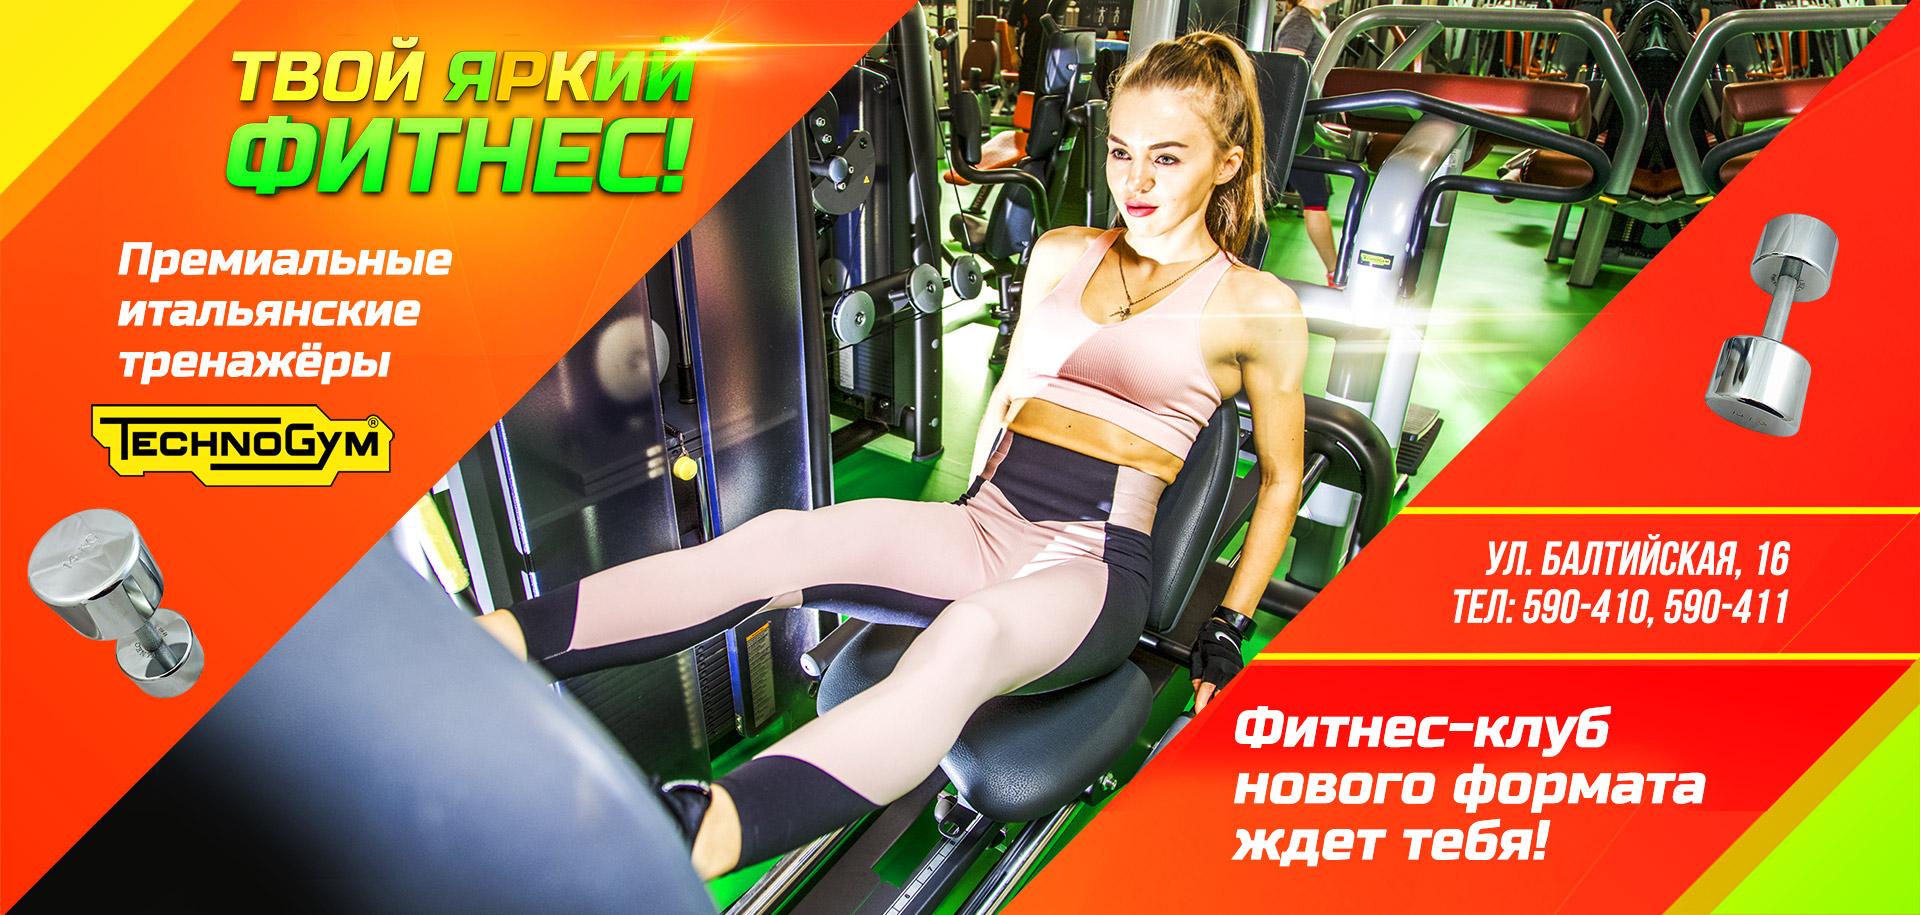 Анатомия мышц человека для фитнеса